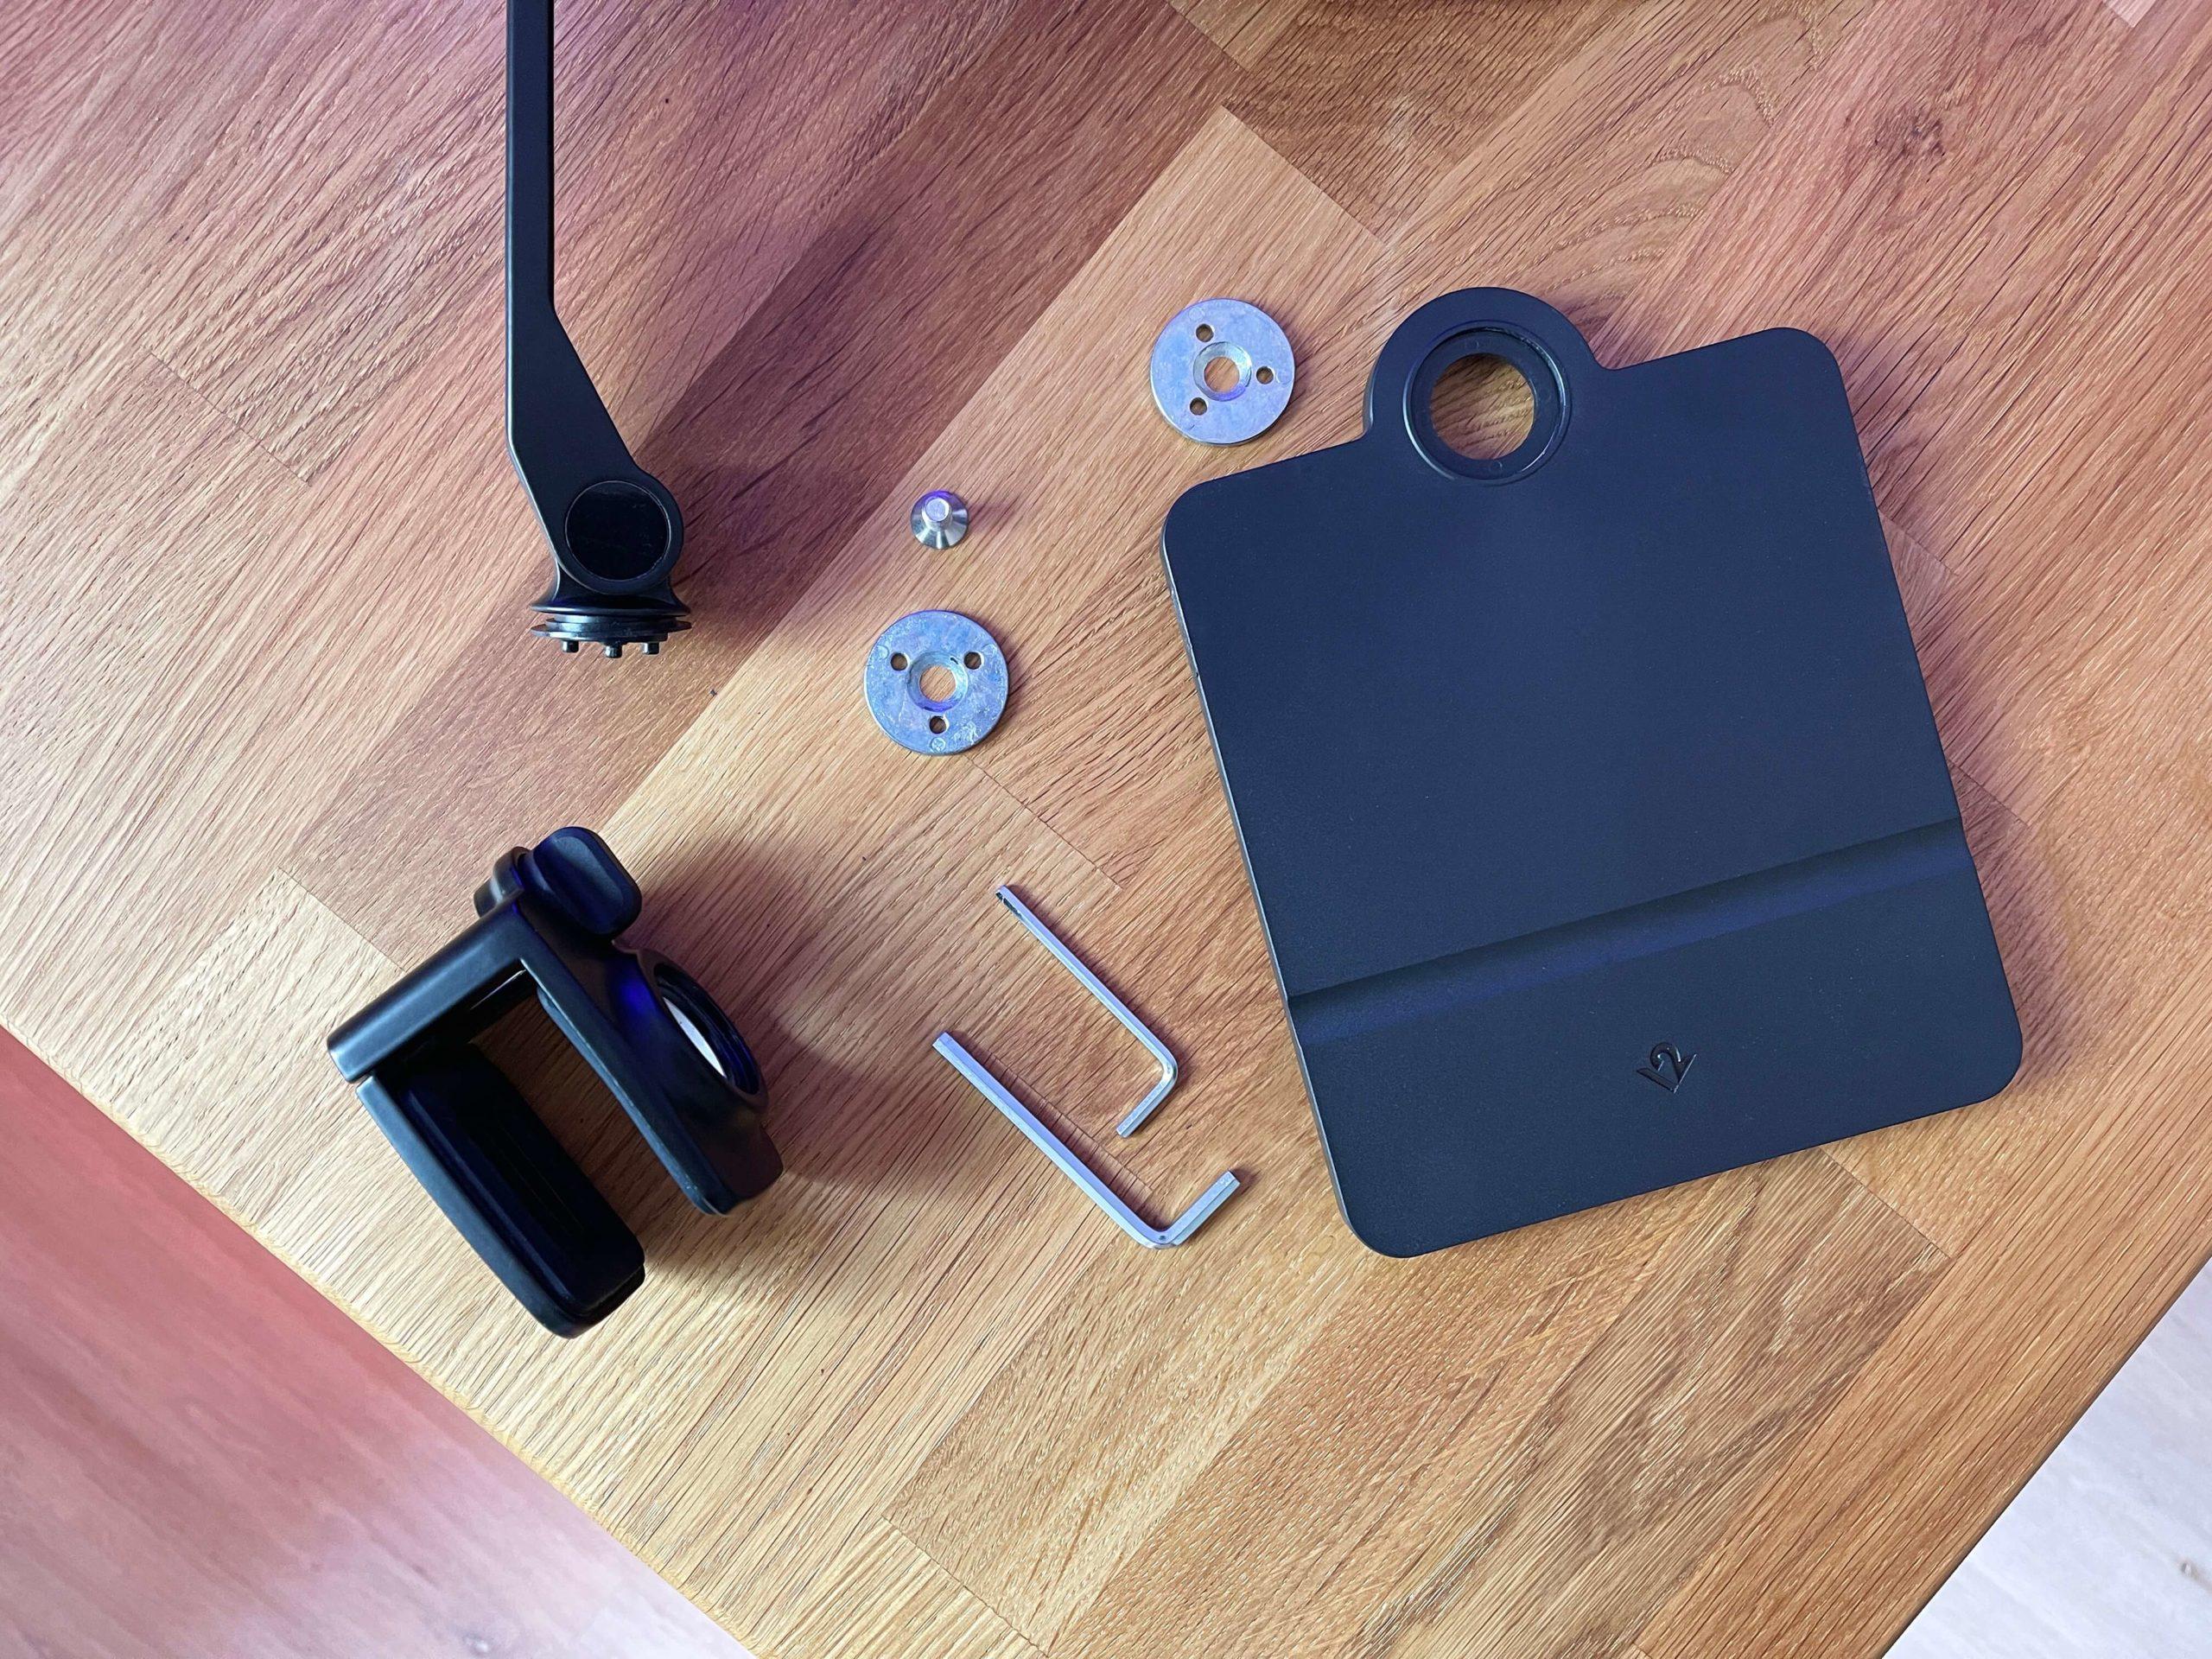 HoverBar-Duo-von-Twelve-South-verstellbarer-Schwanenhalshalter-fuer-das-iPad3-scaled HoverBar Duo von Twelve South - verstellbarer Schwanenhalshalter für das iPad